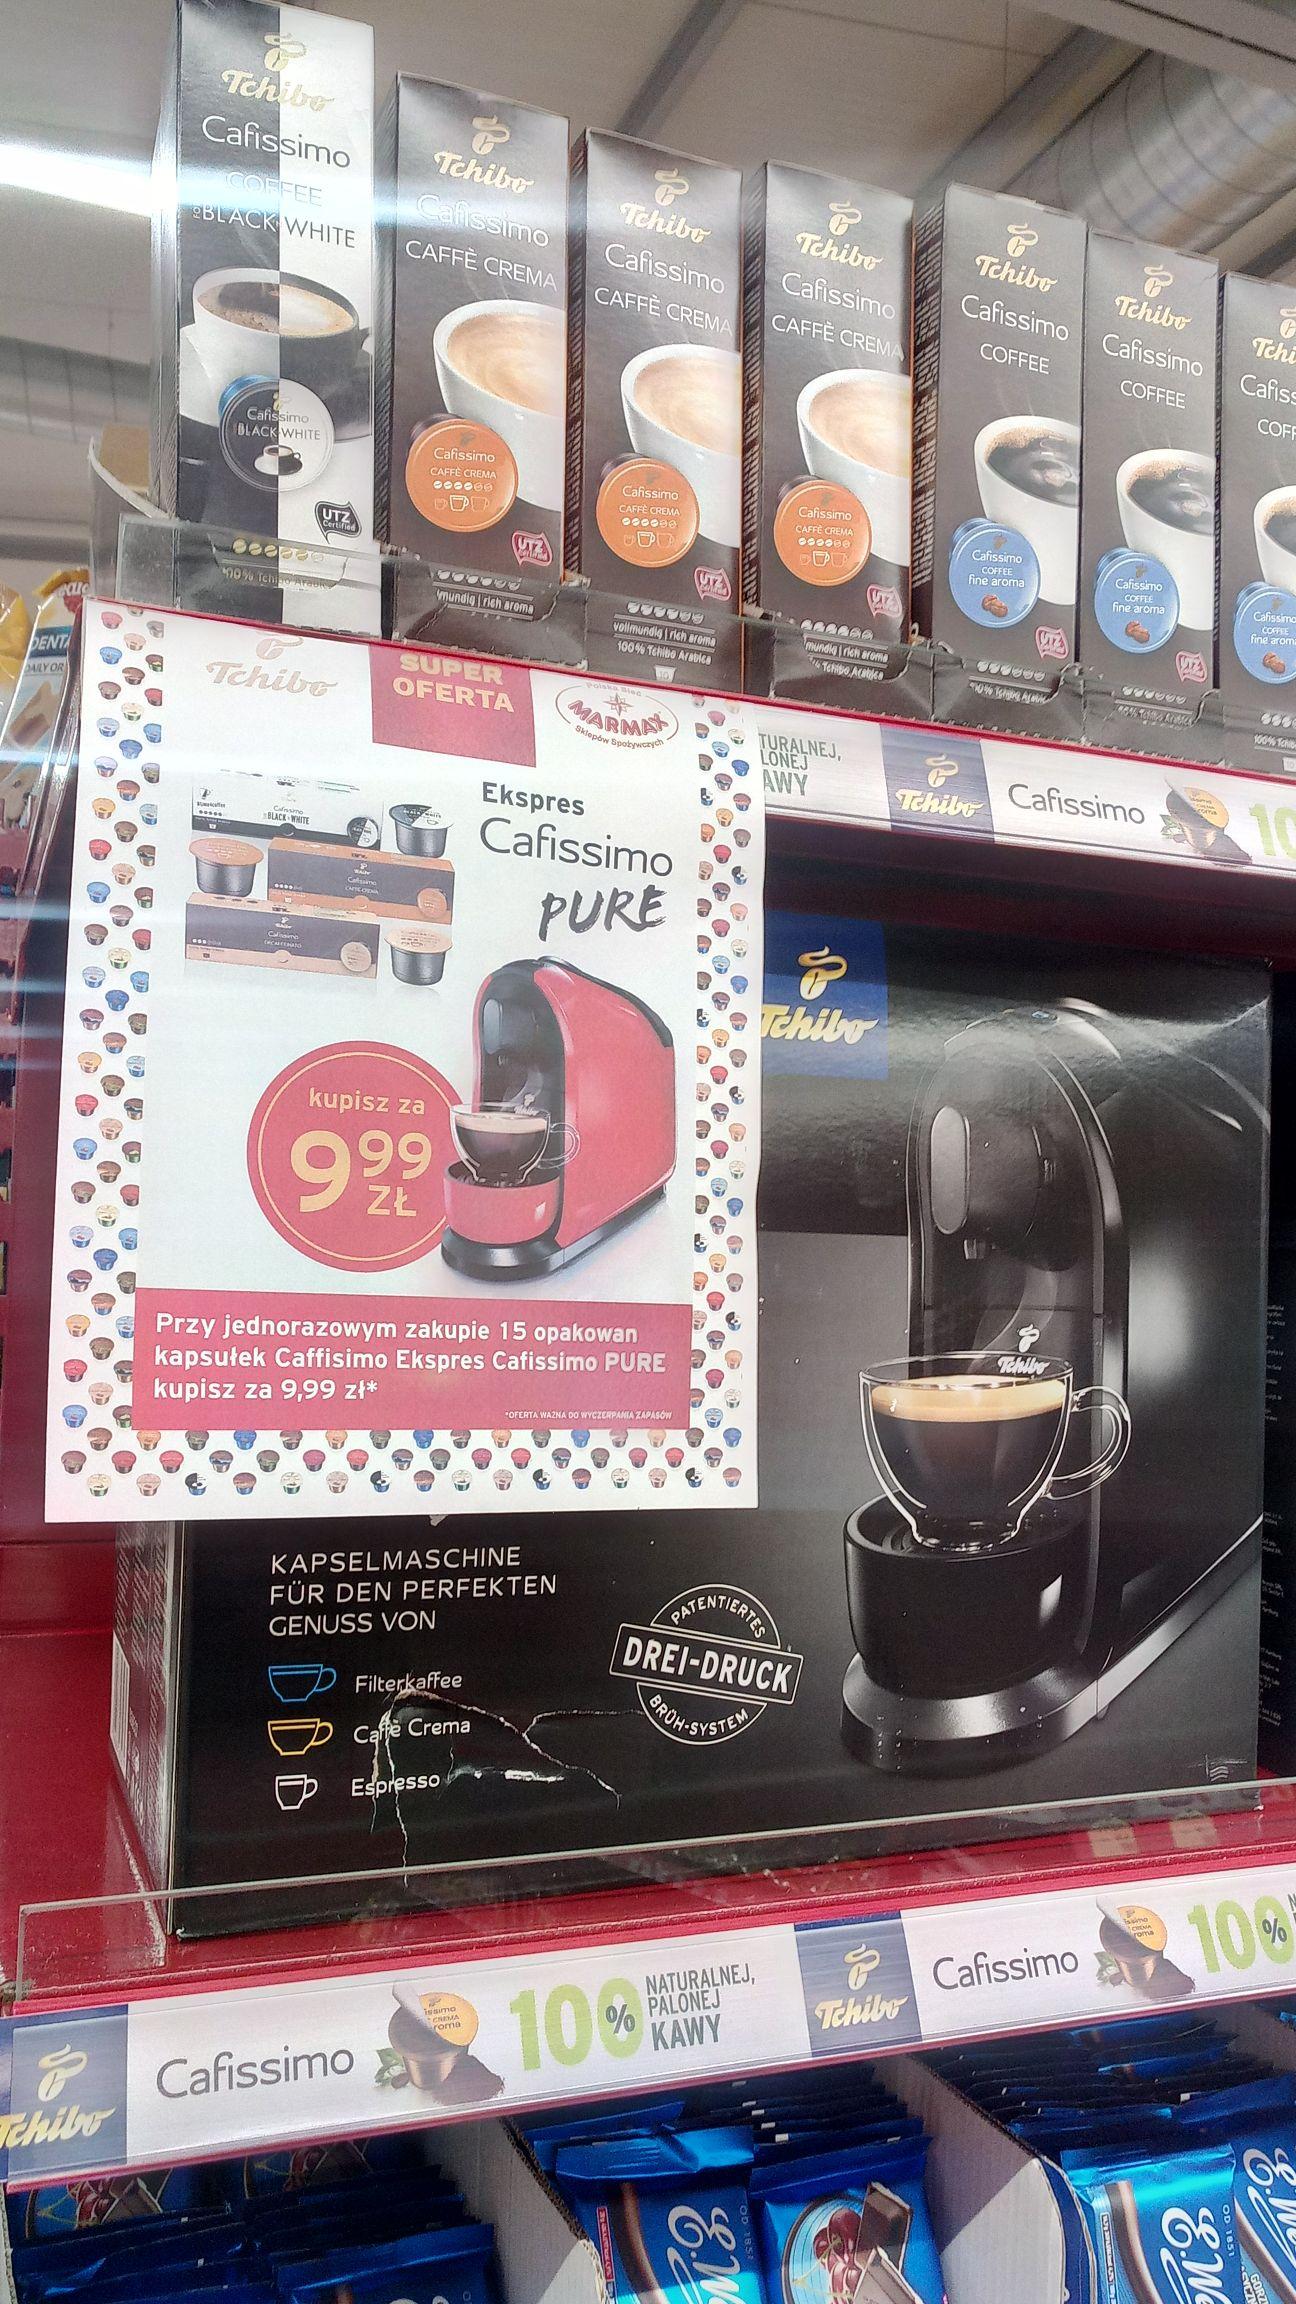 ekspres kapsułkowy Tchibo Pure Black za 9,99zl przy zakupie 15 opakowan kapsulek. Marmax